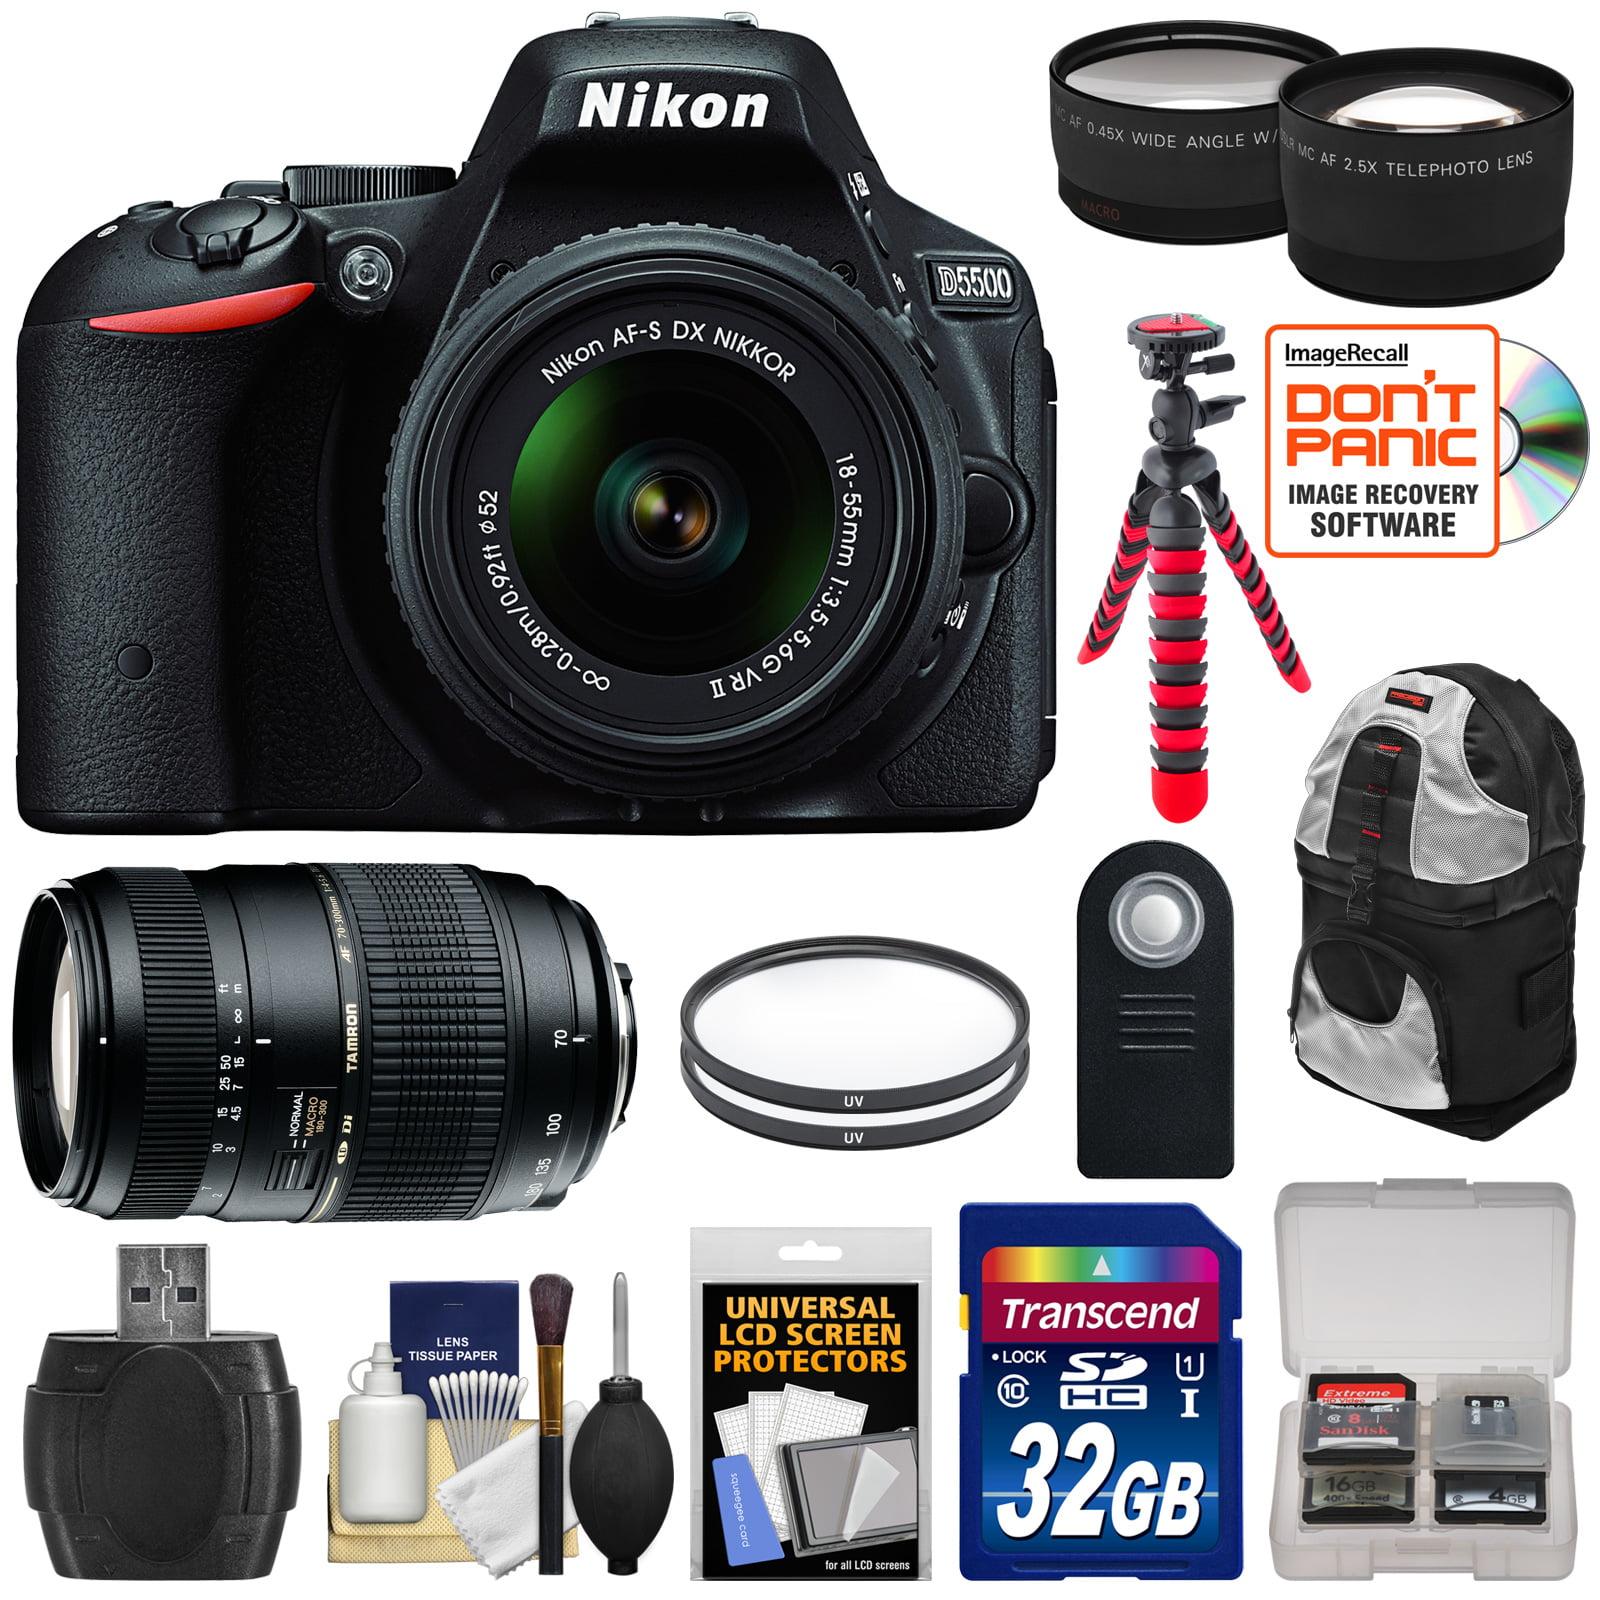 Nikon D5500 Wi - Fi Digital SLR Camera & 18 - 55mm VR DX II Lens (Black)  -  Factory Refurbished with 70 - 300mm Lens + 32GB Card + Backpack + Flex Tripod + Filters + Tele / Wide Lens Kit